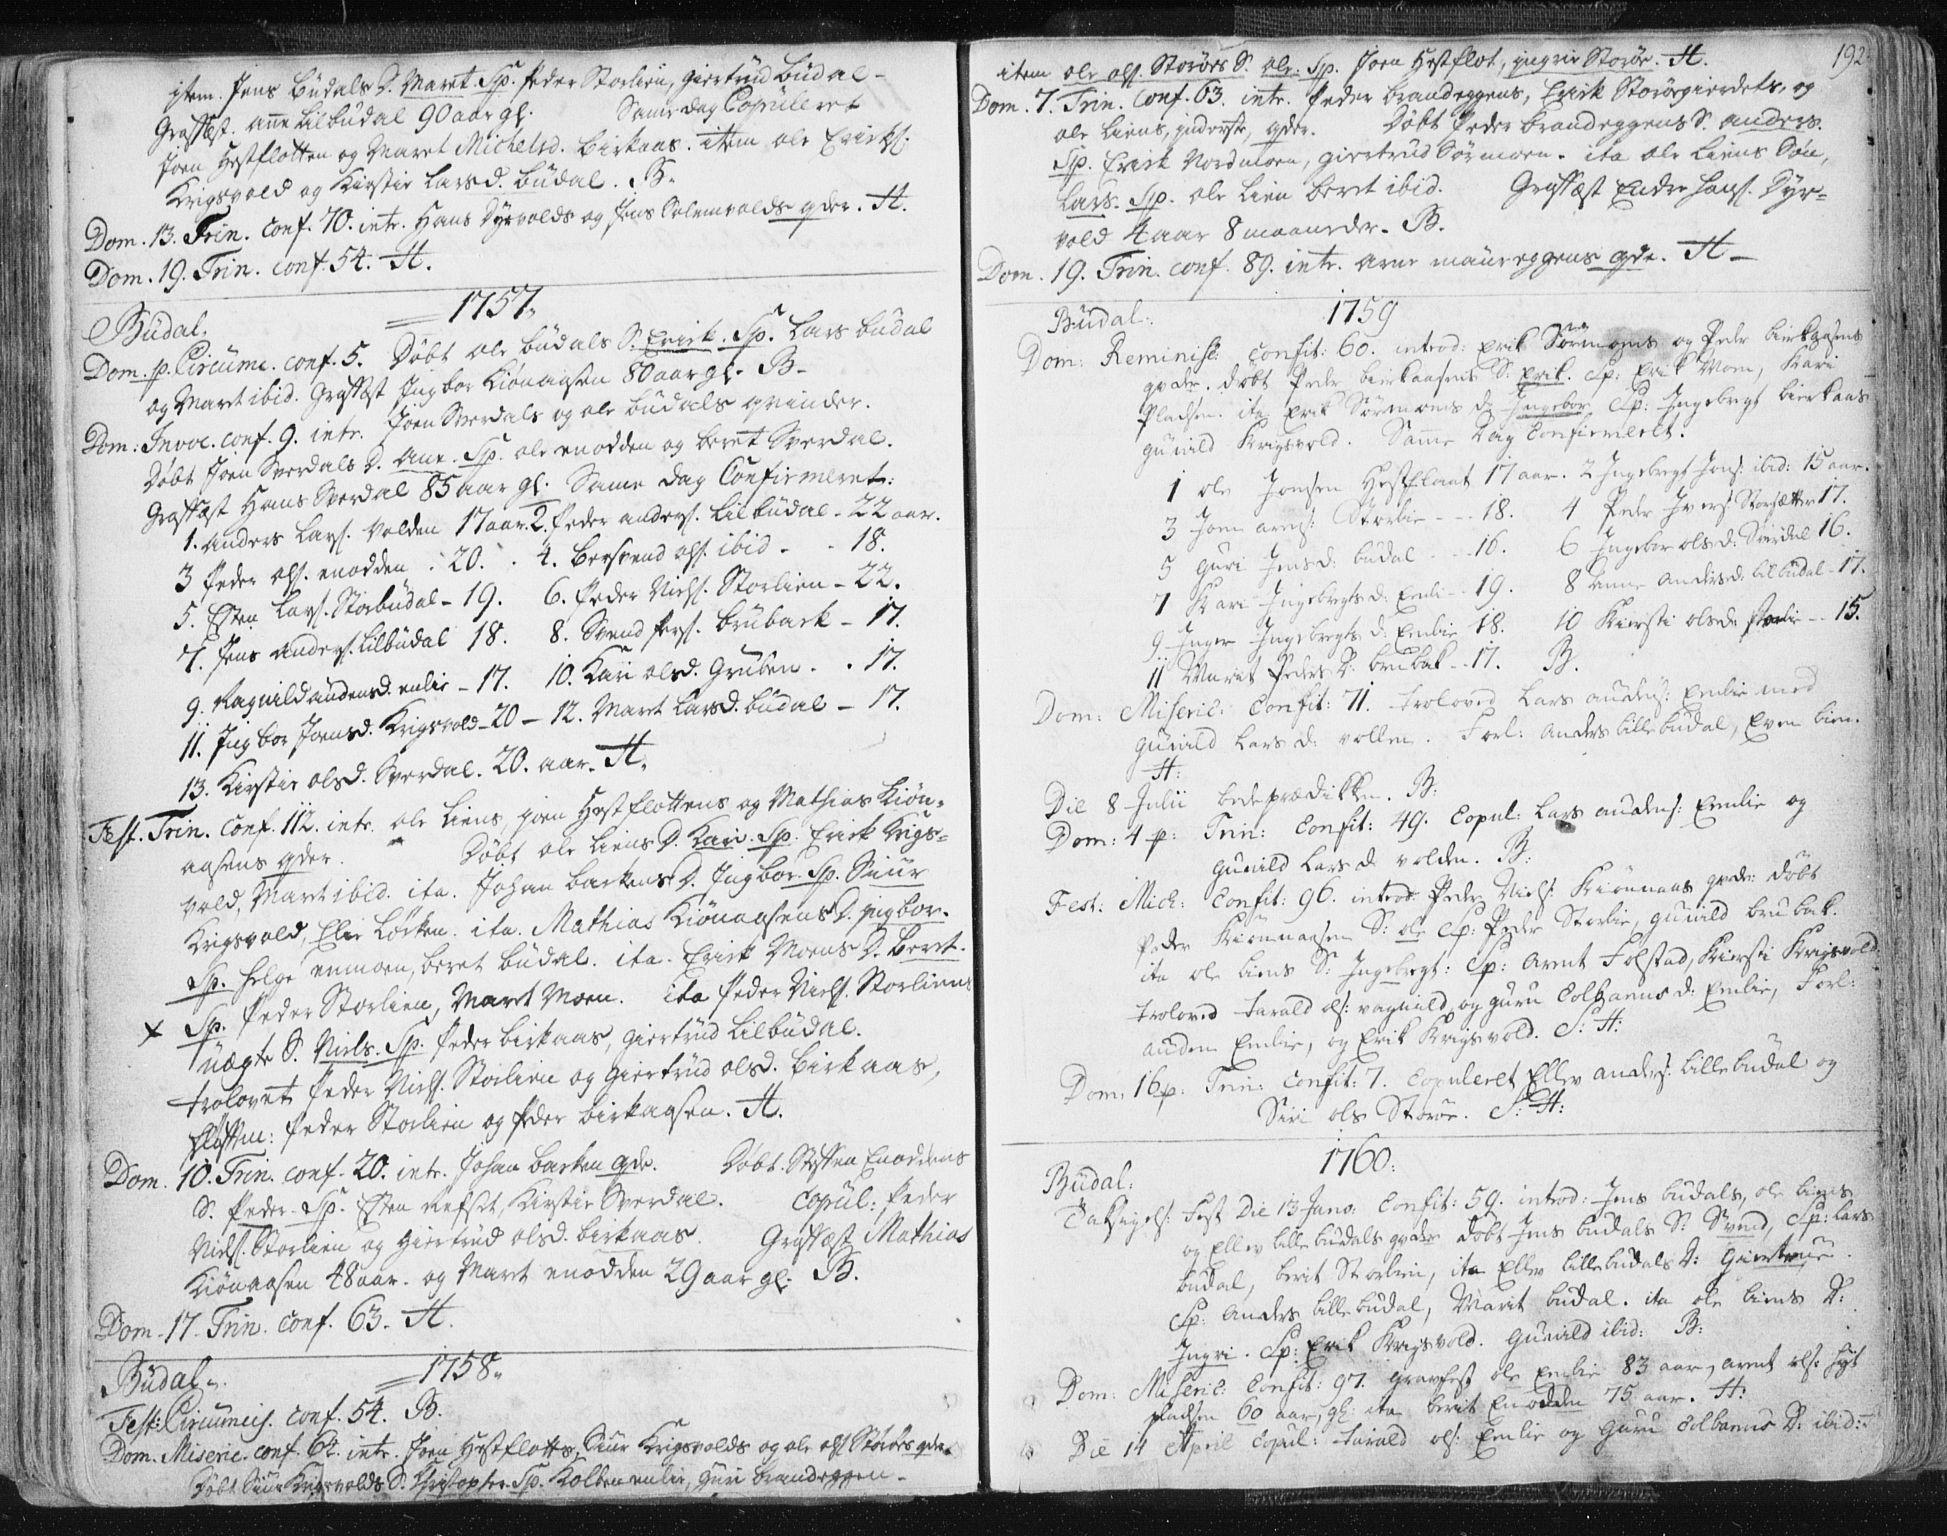 SAT, Ministerialprotokoller, klokkerbøker og fødselsregistre - Sør-Trøndelag, 687/L0991: Ministerialbok nr. 687A02, 1747-1790, s. 192